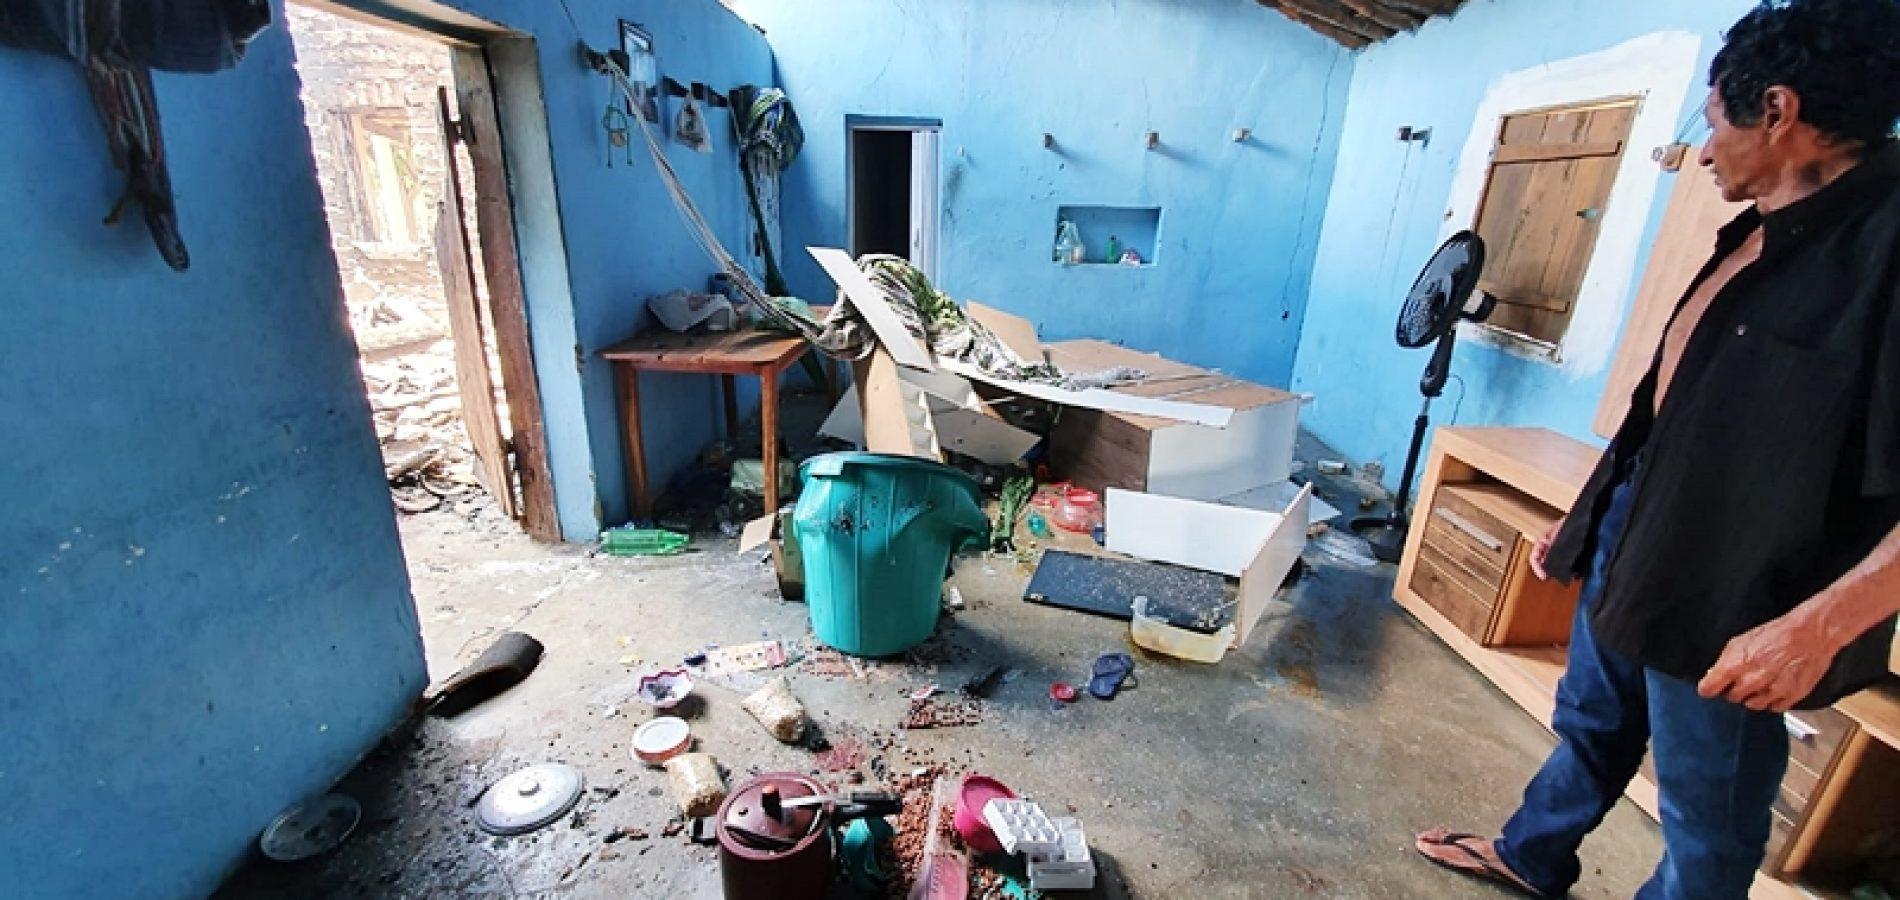 Homem enfurecido ateia fogo em casa, moto e tenta assassinar deficiente no interior de Jaicós